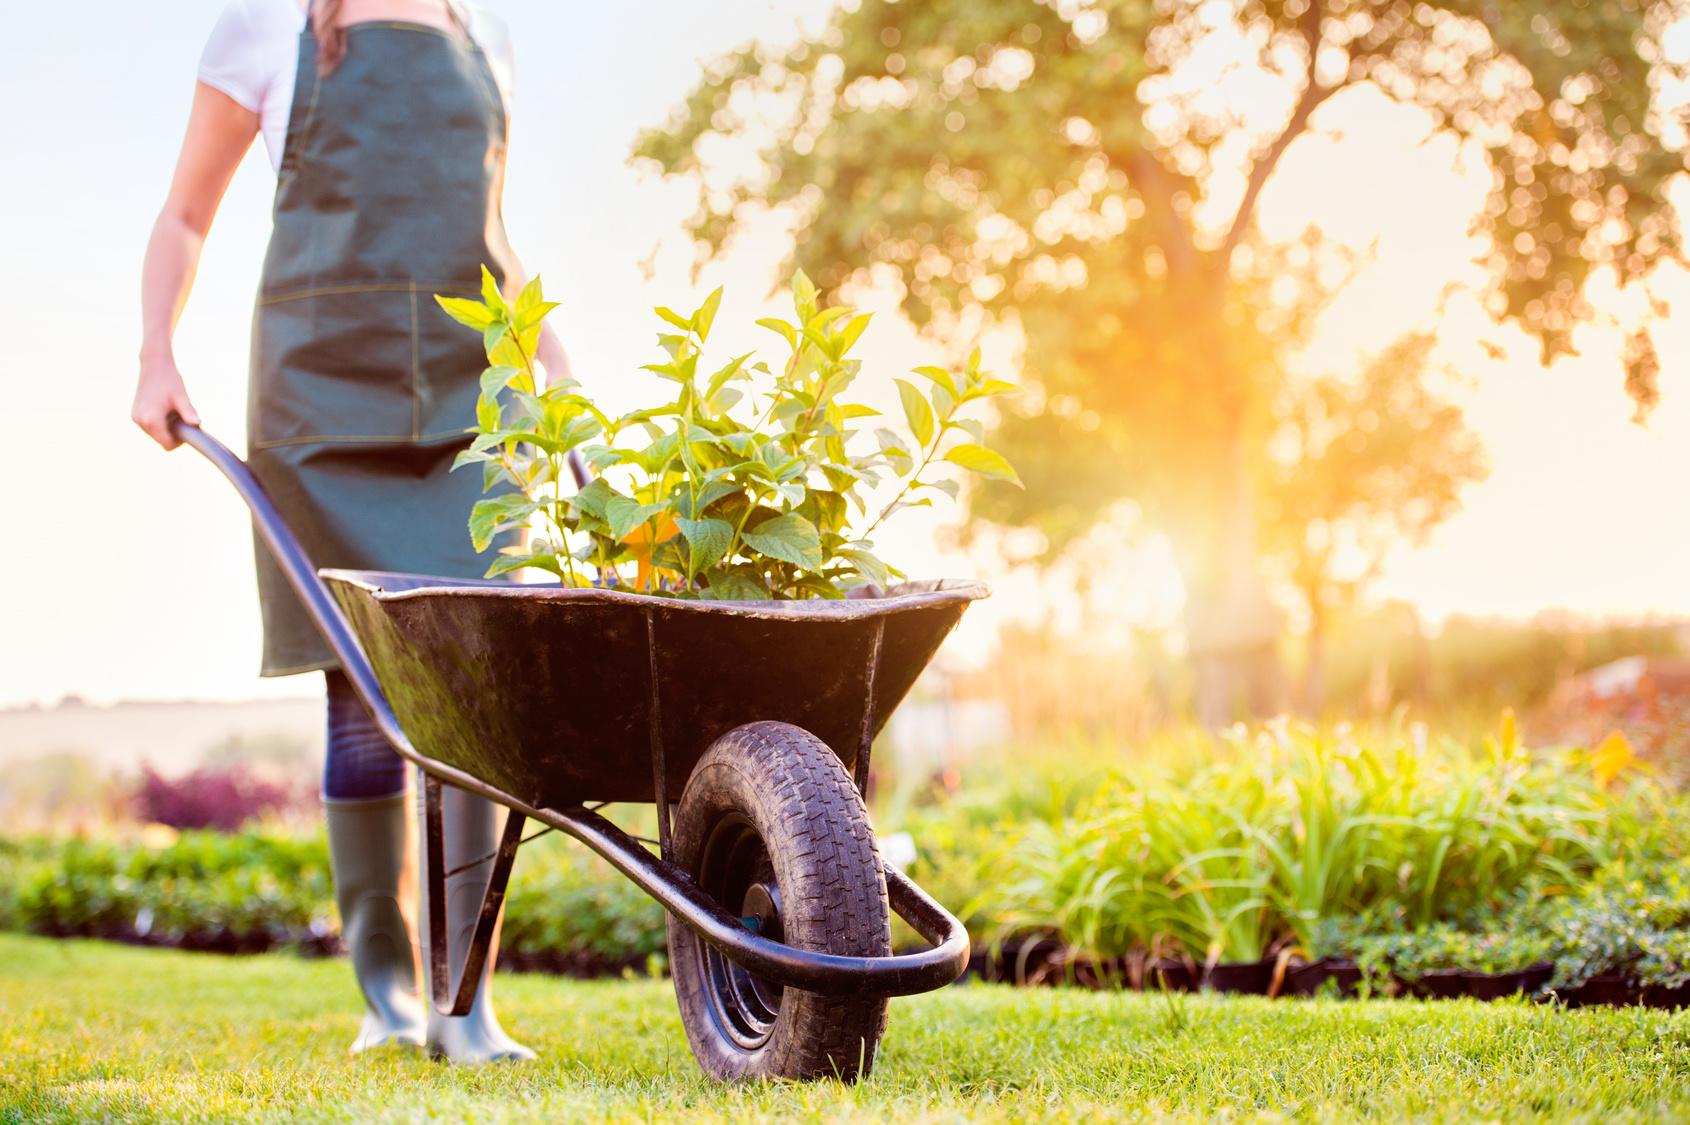 Mit dem garten gesund gl cklich leben gesundheit - Garten und leben ladbergen ...